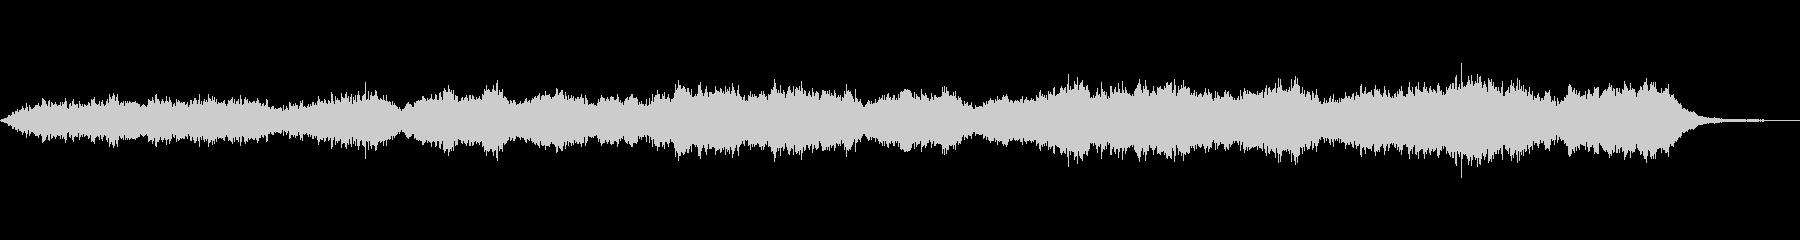 レトロシンセ系のダークなアンビエントの未再生の波形